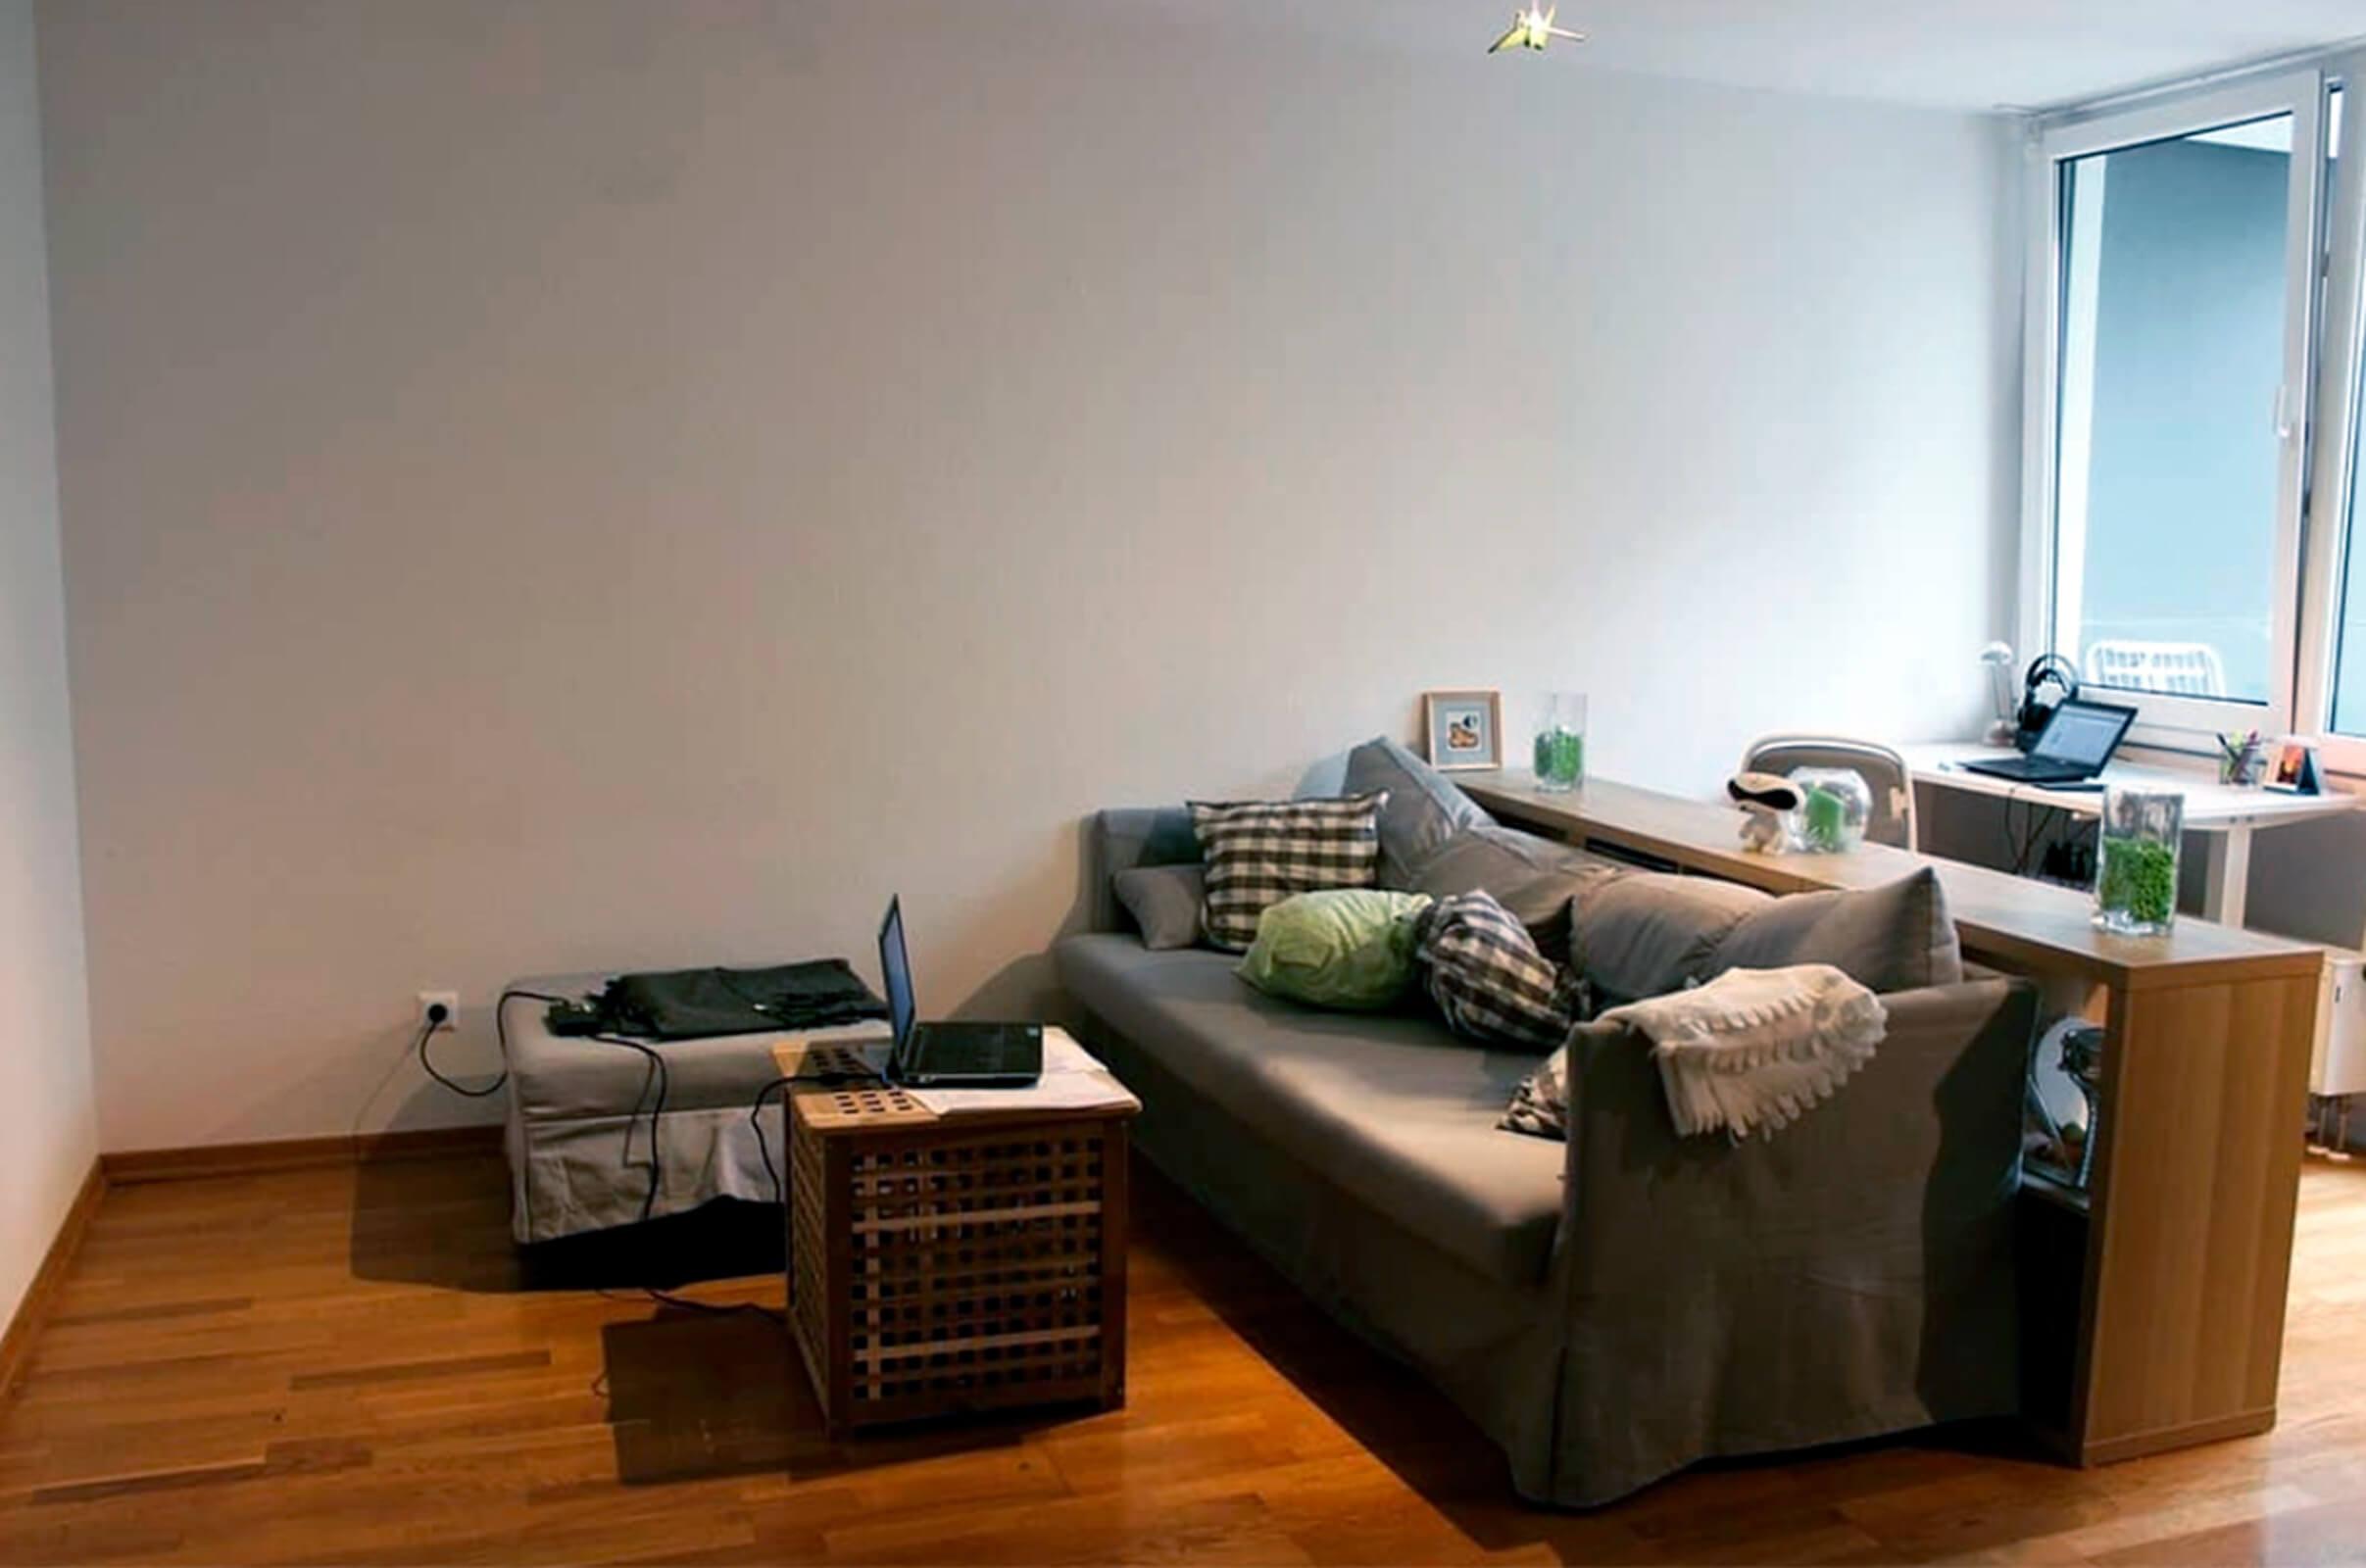 Аренда нашей квартиры на 150—200€ дороже, чем в среднем по городу